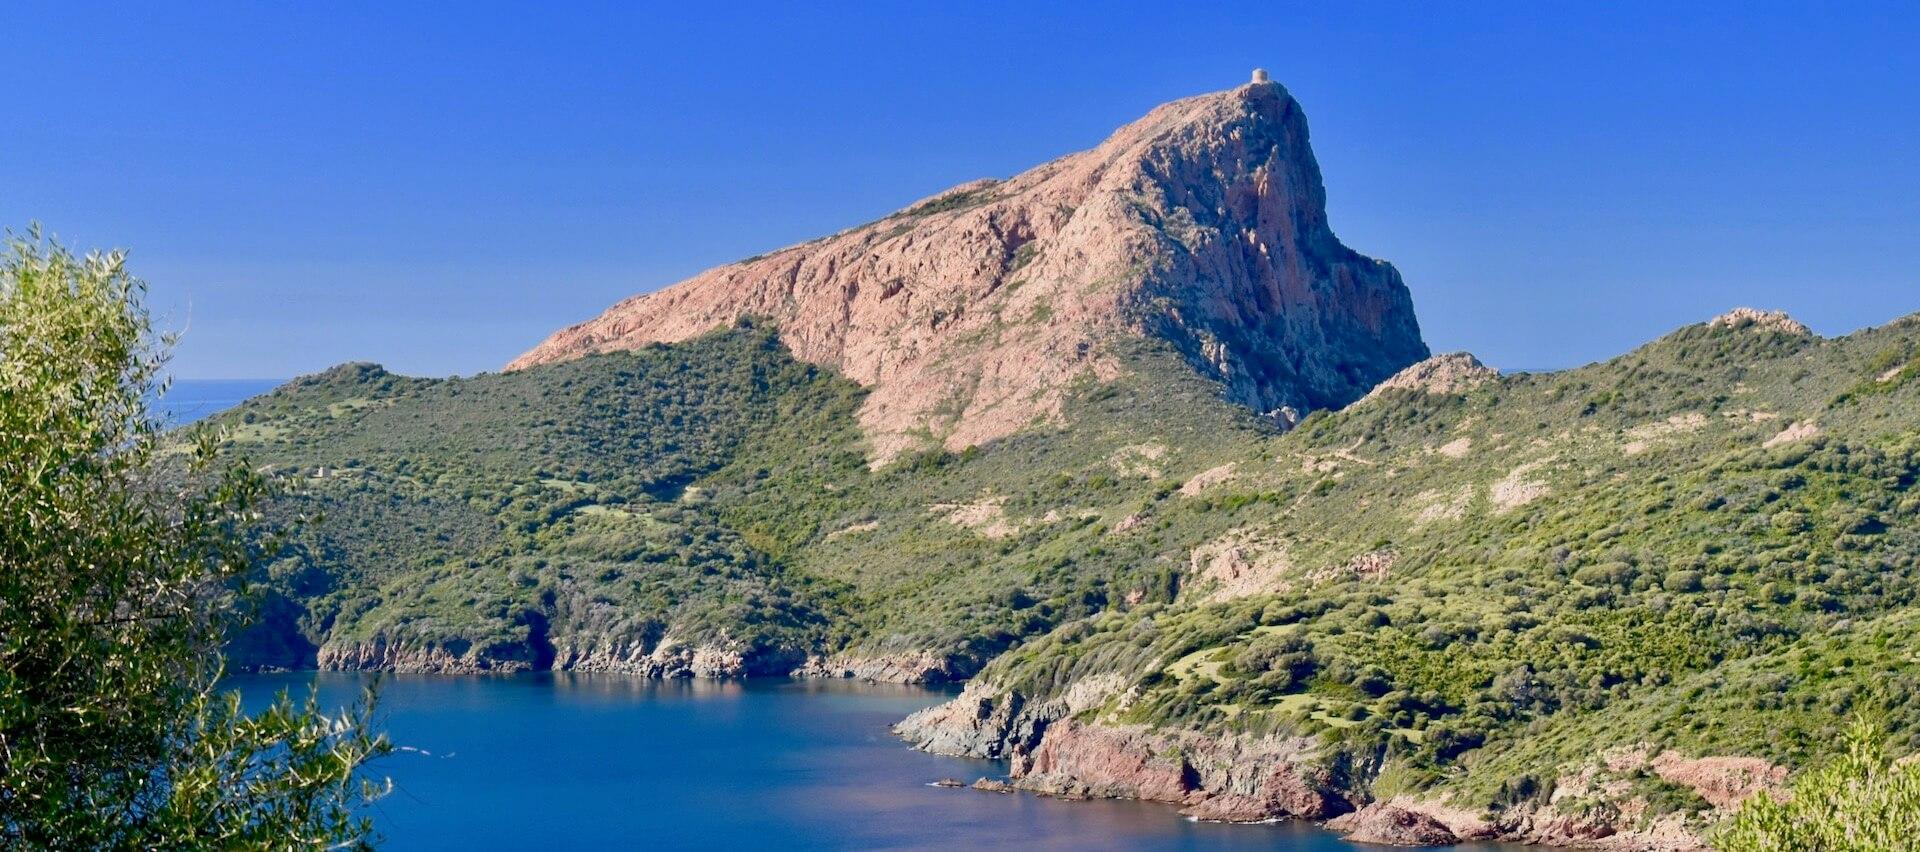 Randonnée Capo Rosso